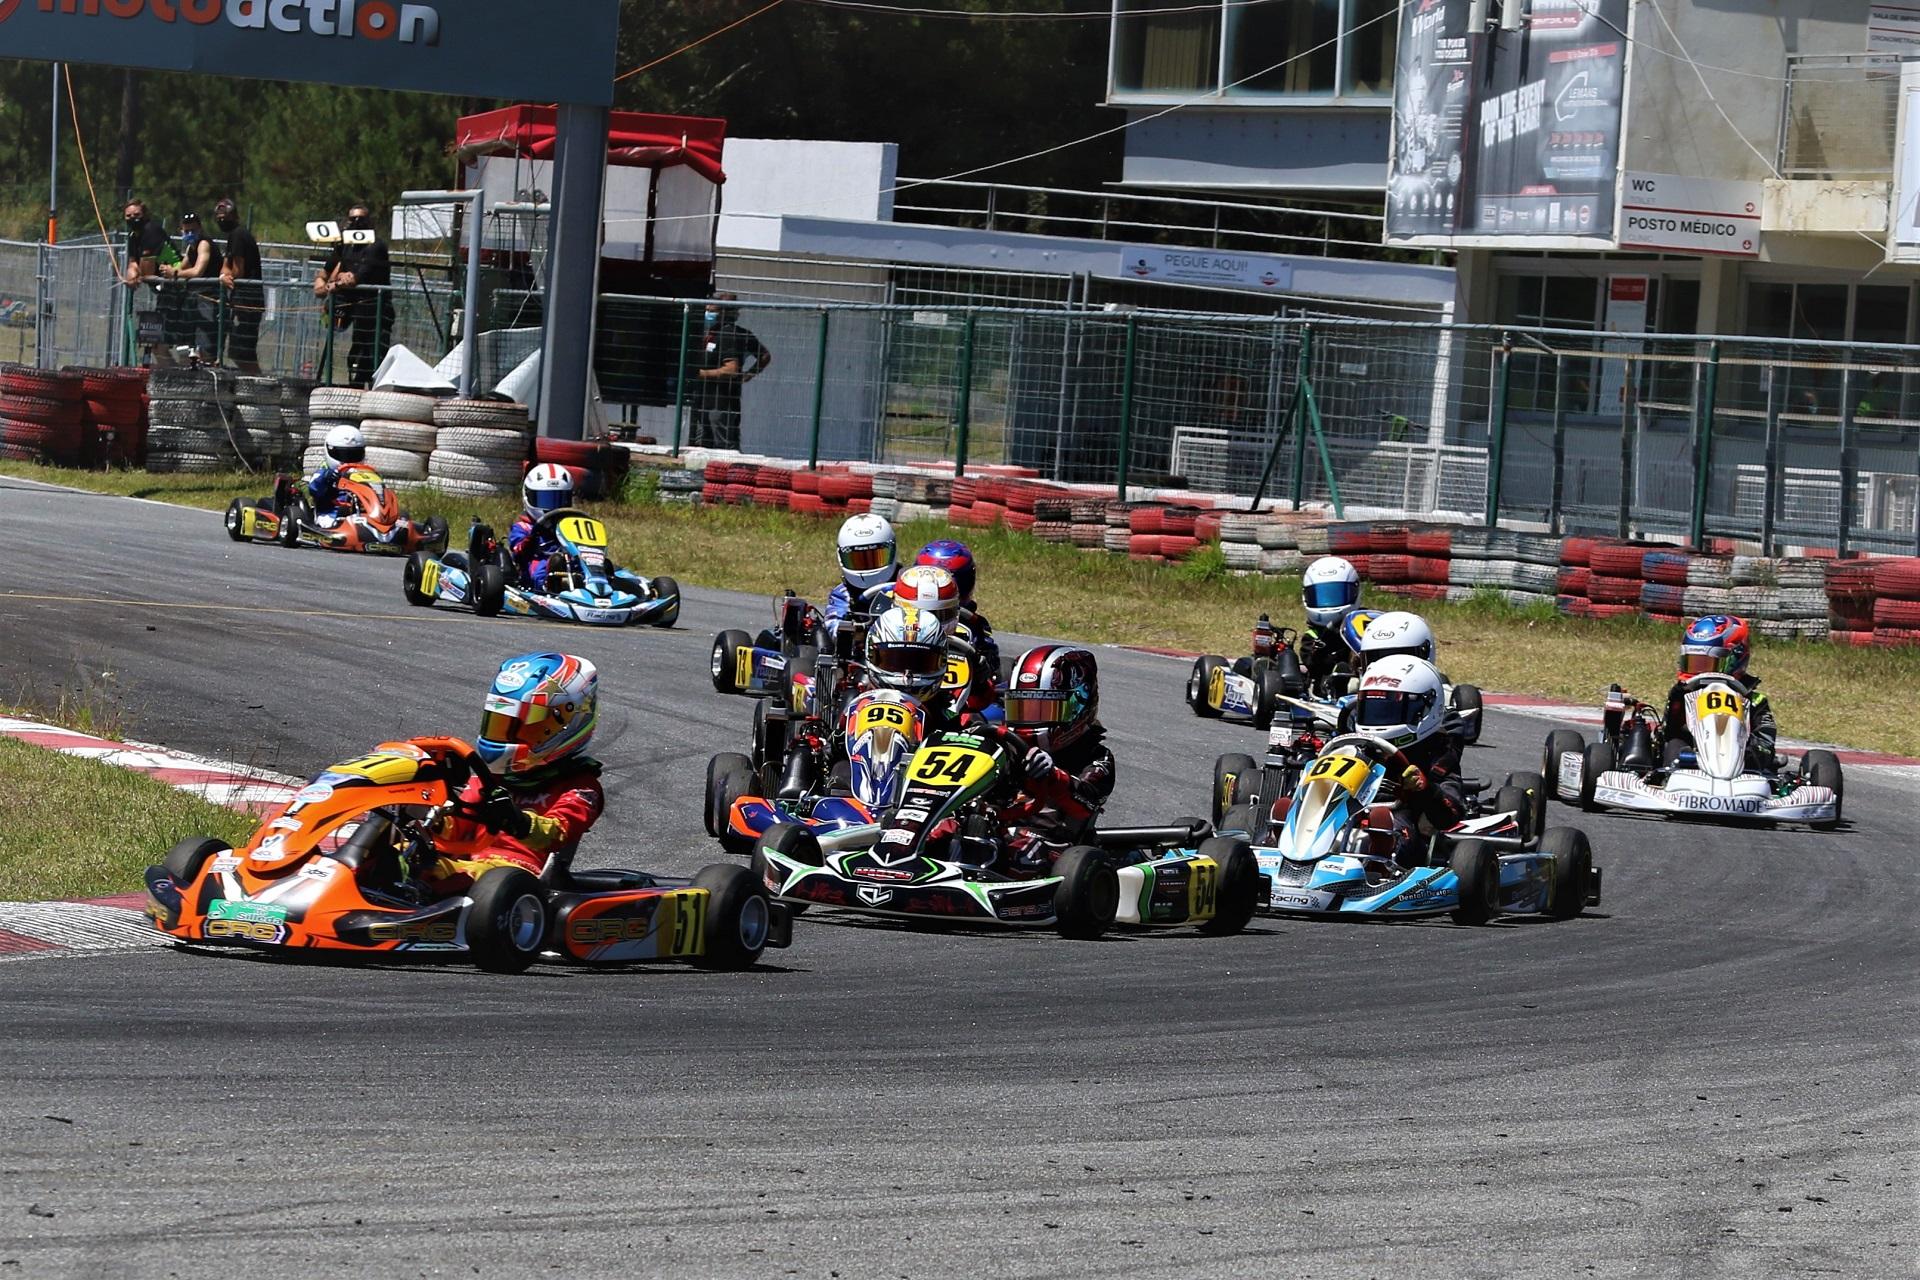 Christian Costoya domina Troféu Rotax da categoria Micro-Max em Viana do Castelo